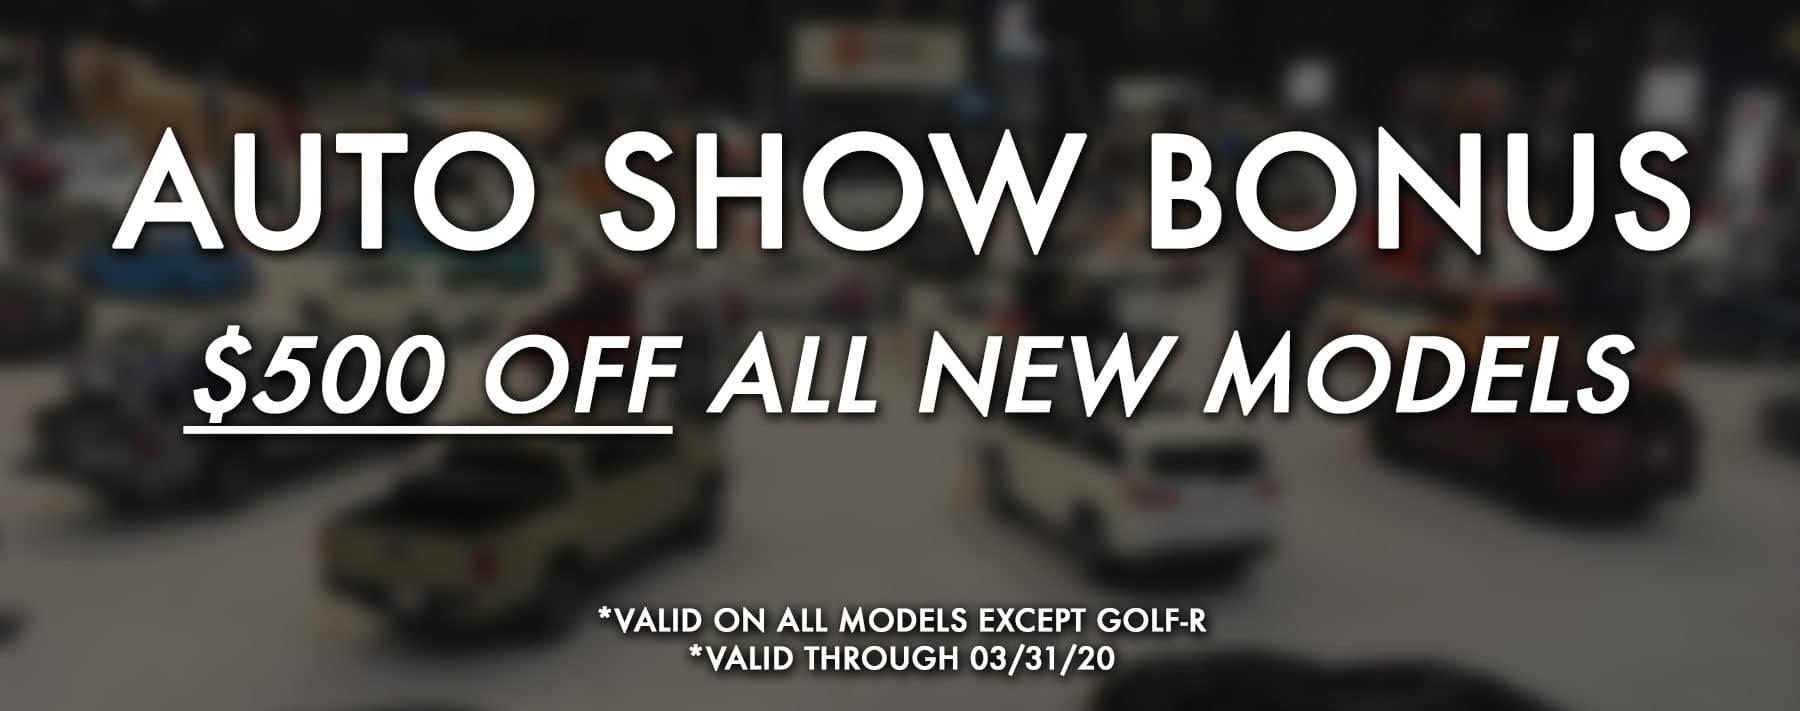 Auto Show Bonus - $500 Off all new models except GOLF-R